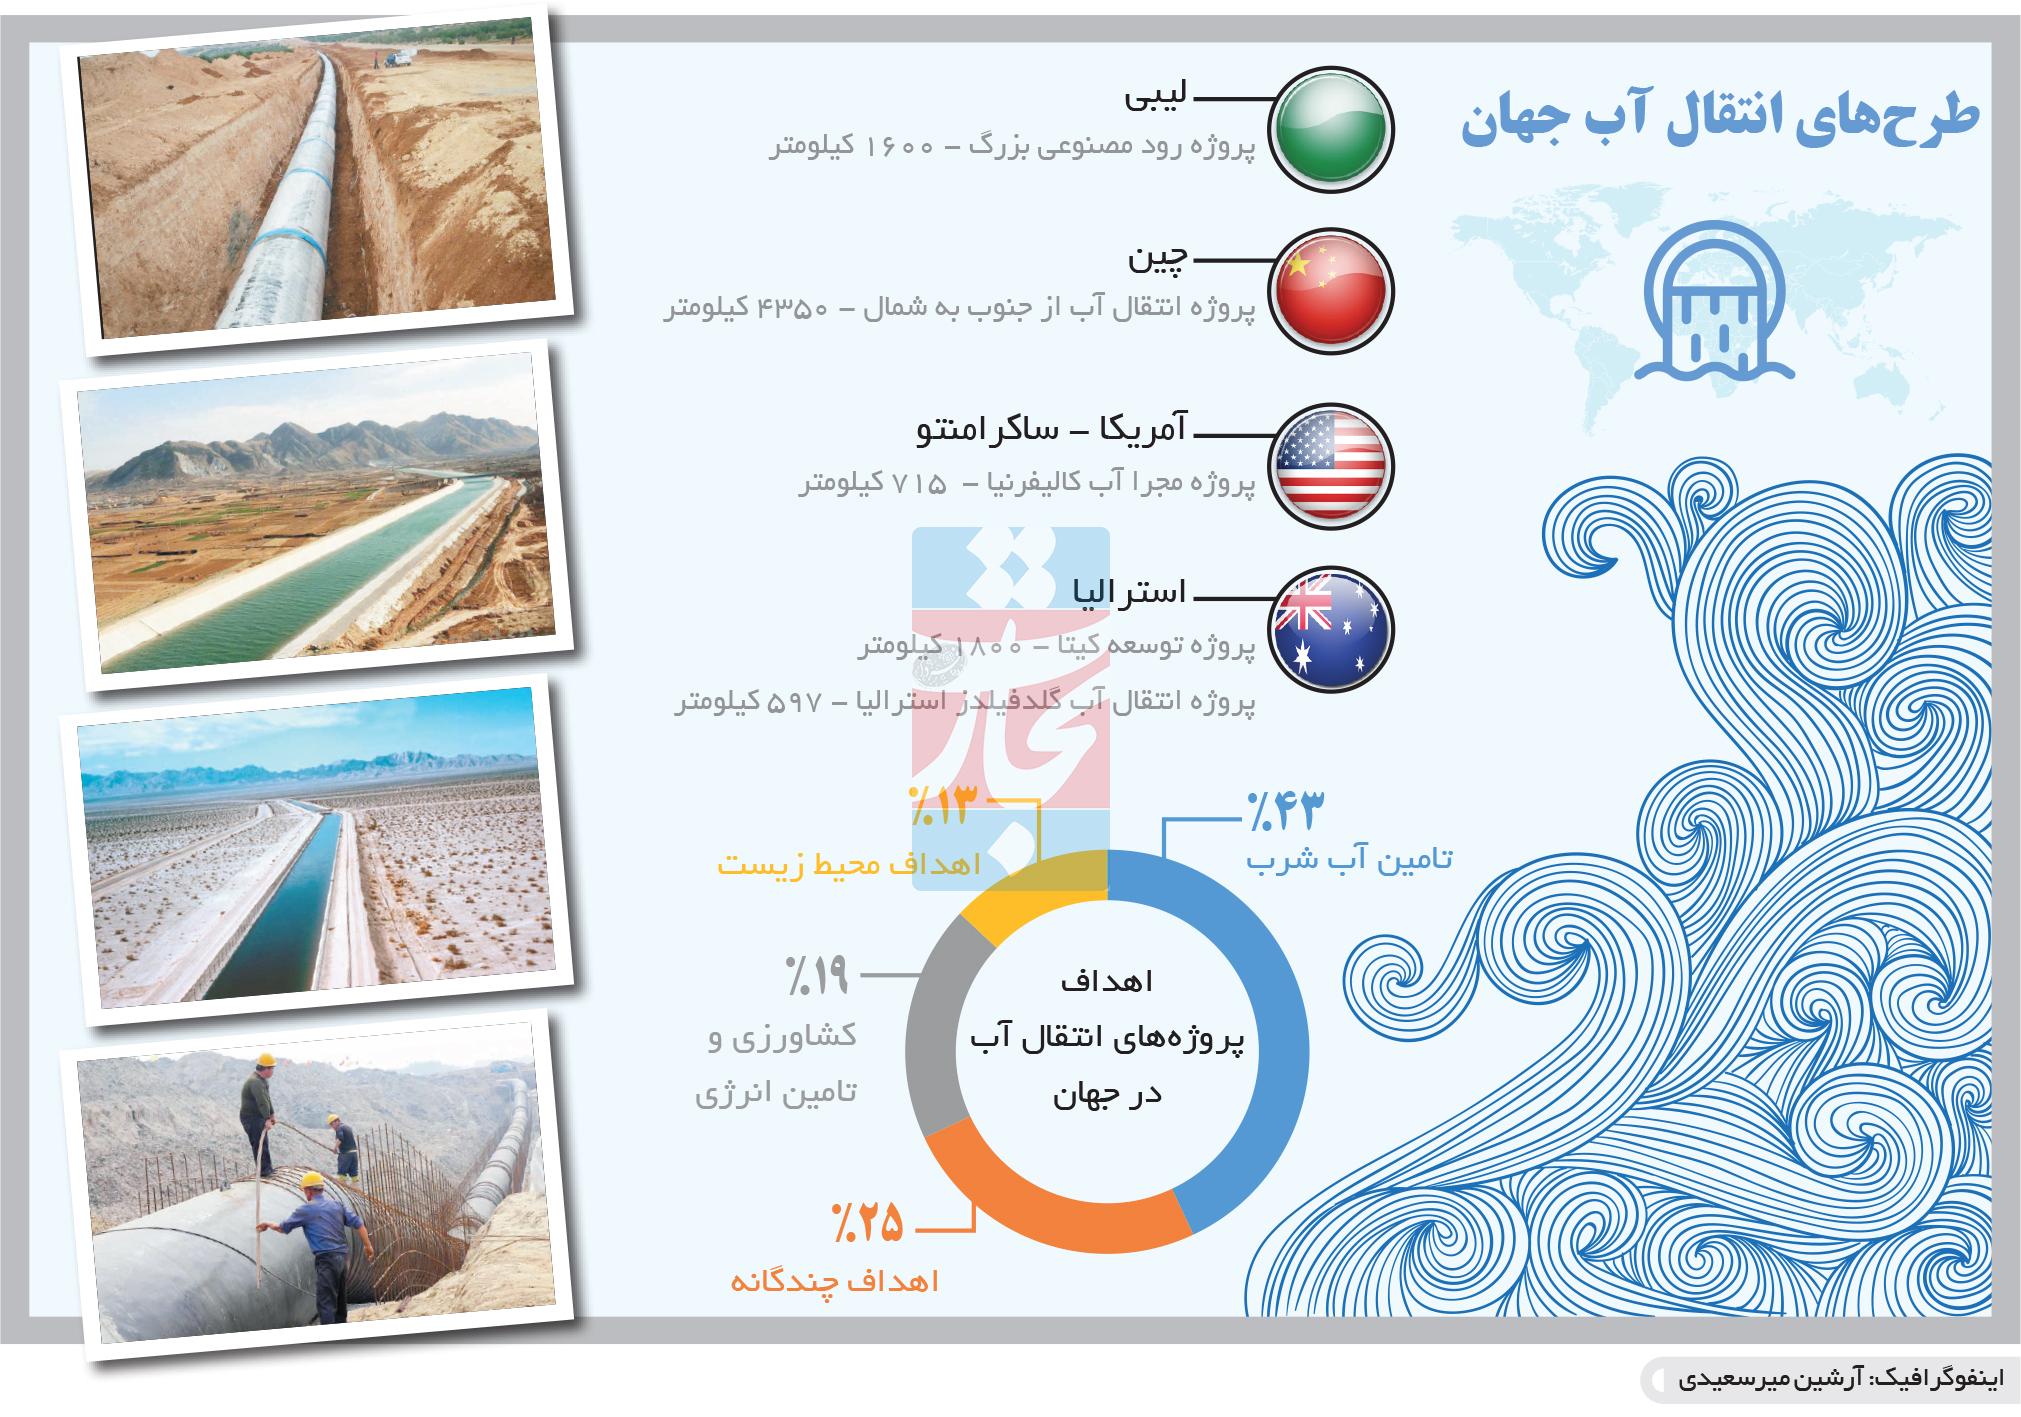 تجارت- فردا- طرحهای انتقال آب جهان(اینفوگرافیک)